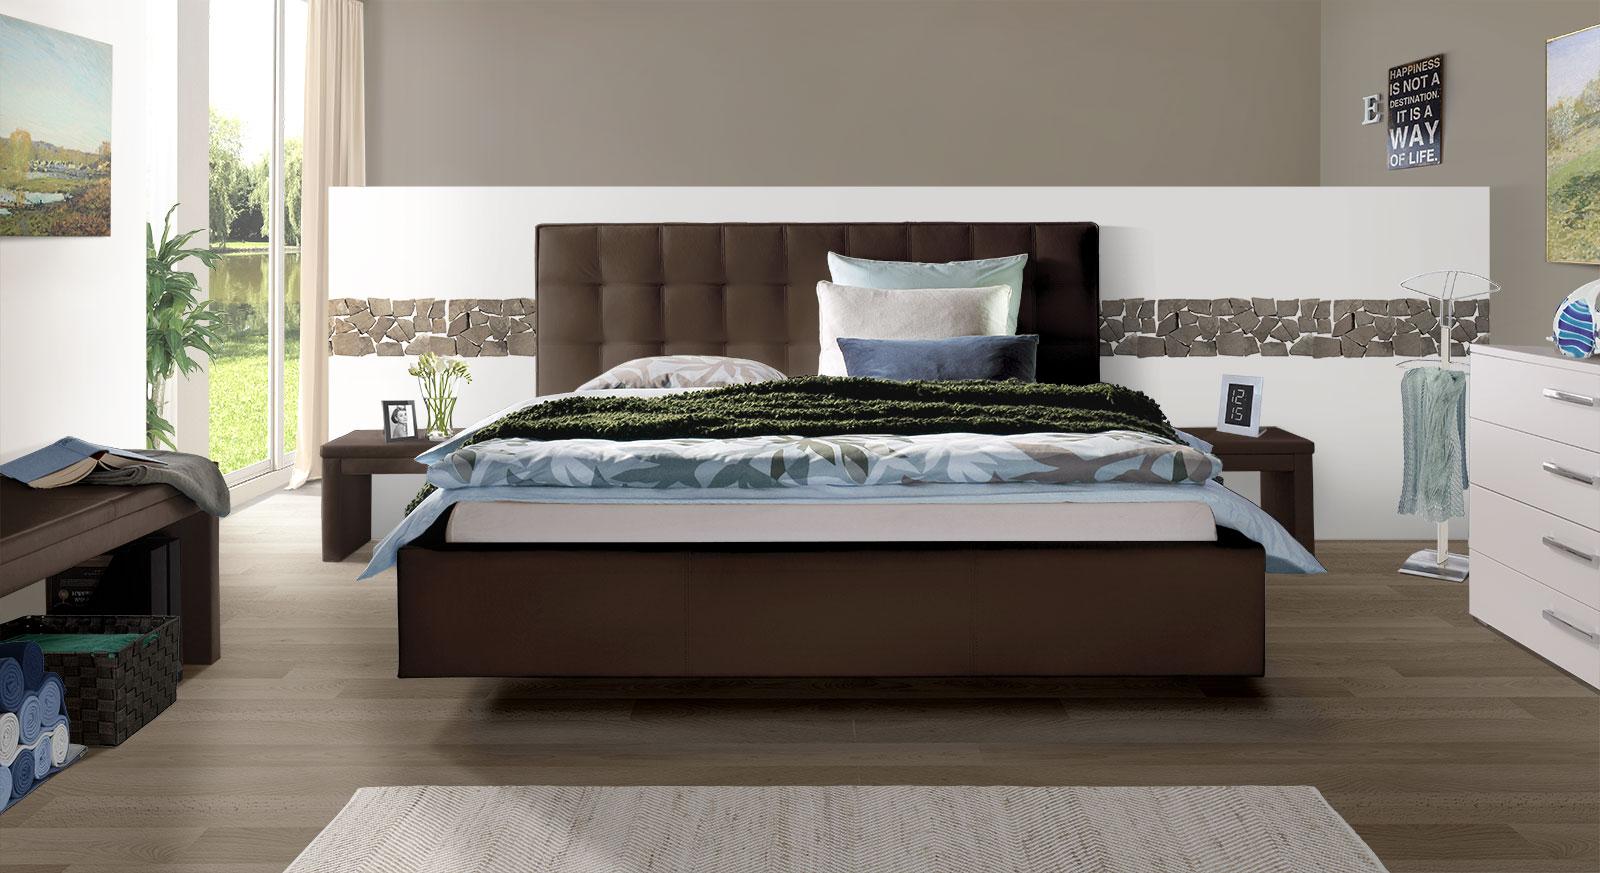 Echtleder-Bett Marim mit passenden Produkten